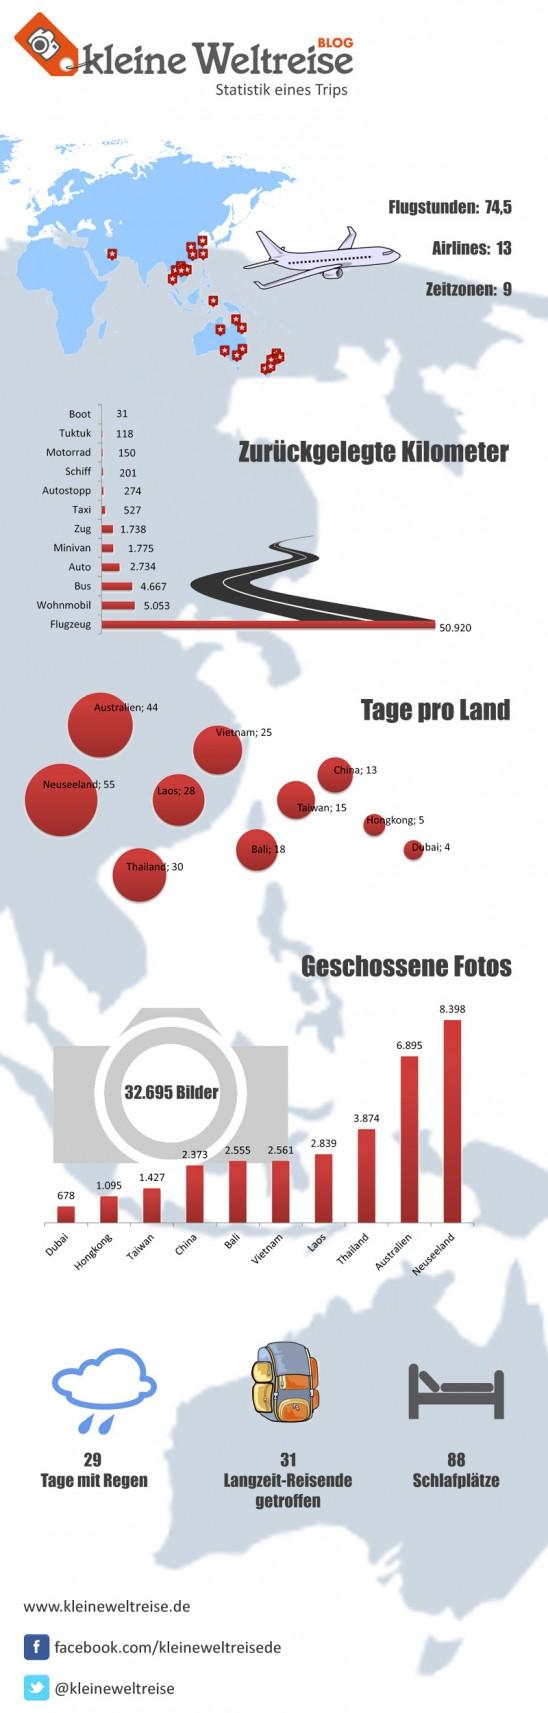 Infografik Statistik einer Weltreise